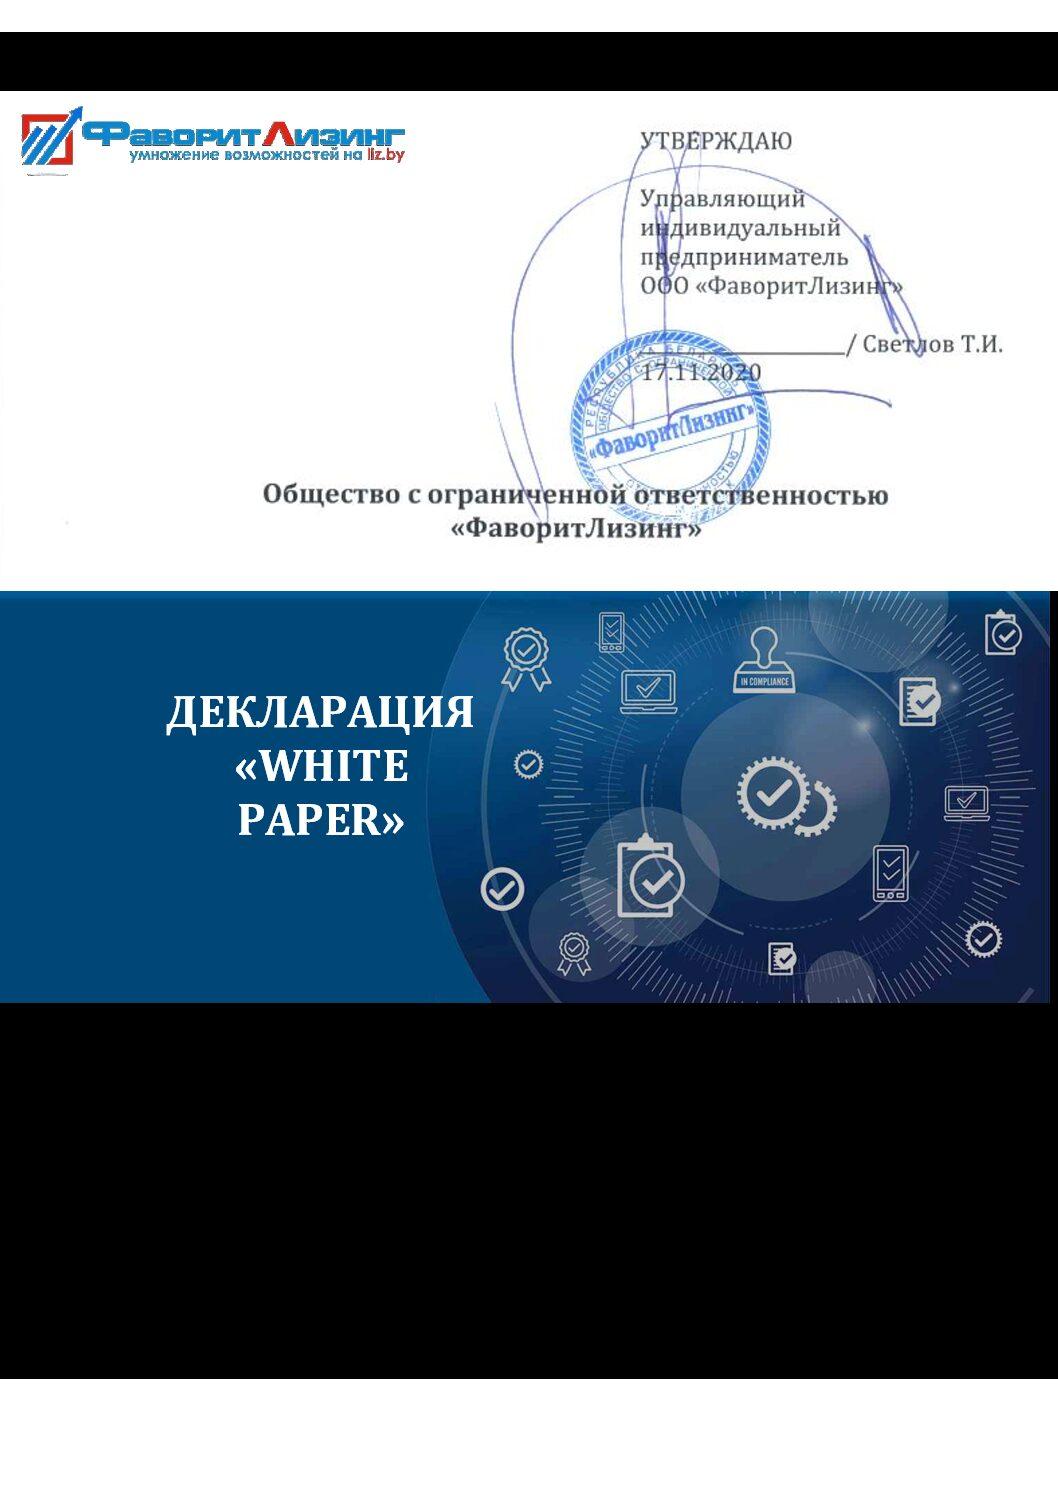 Декларация «White Paper» о создании и размещении цифровых знаков